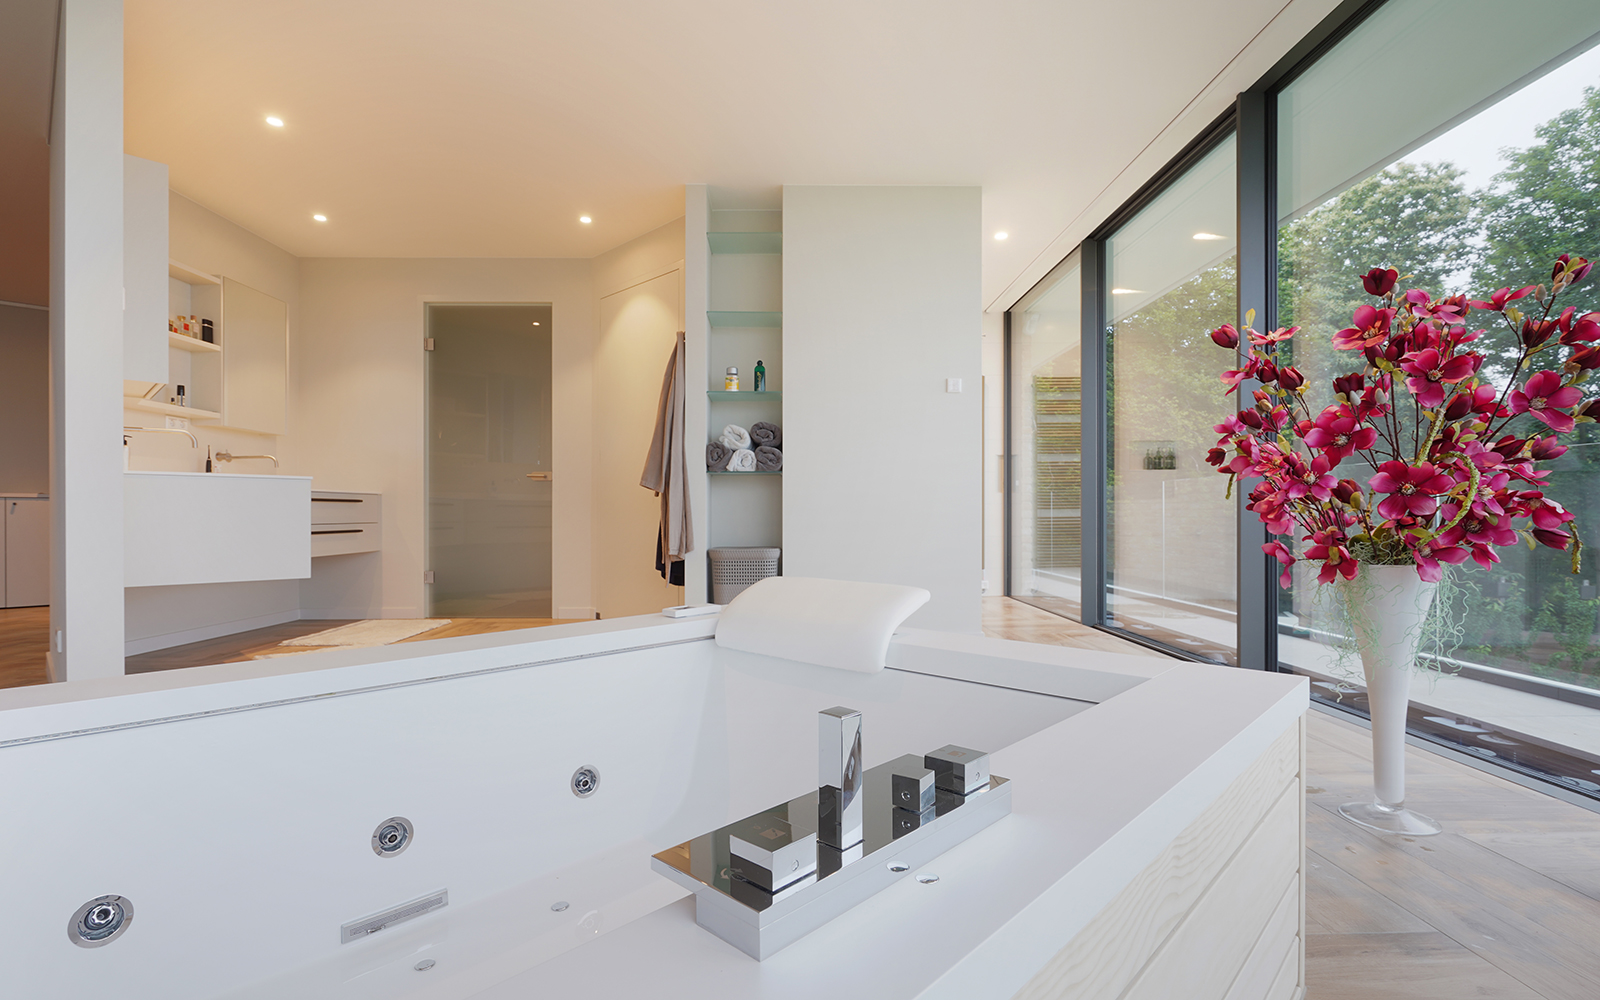 de eerste kamer badkamers, the art of living, ensuite badkamer